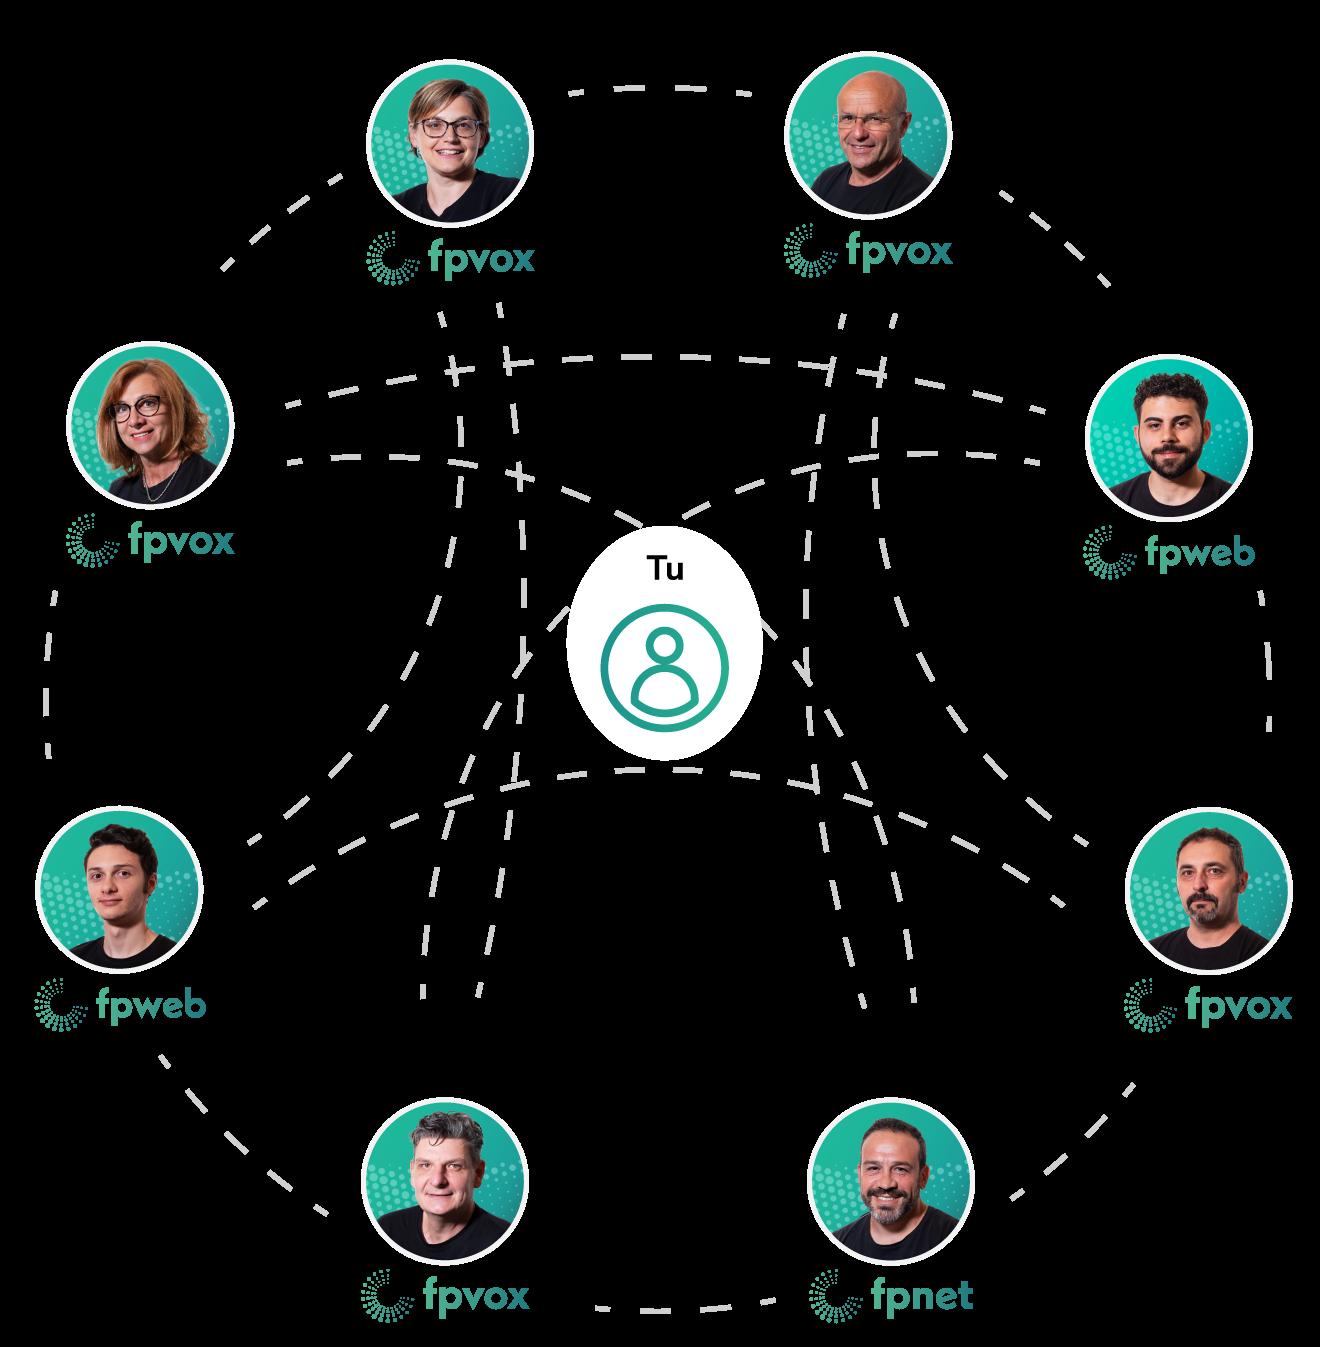 fp telematica team